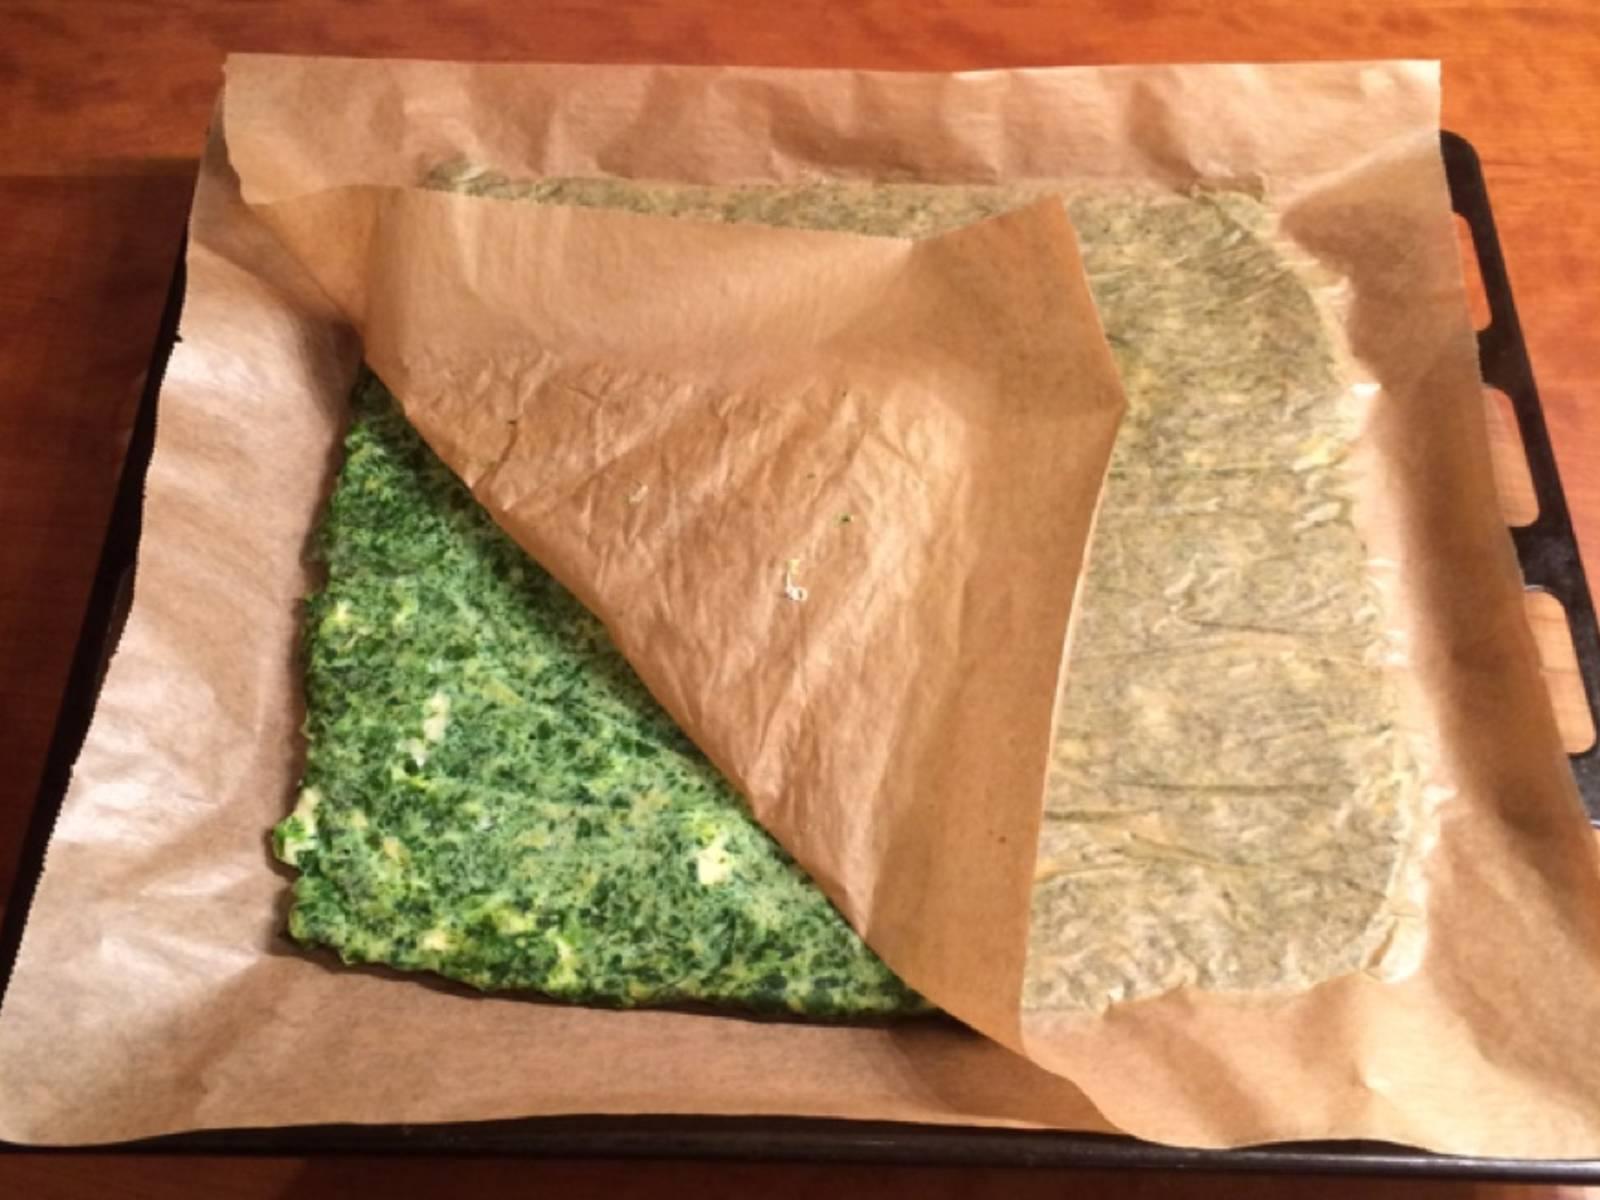 用另一张烘焙纸盖上,然后小心地将菠菜层翻面。将底部的烘焙纸撕掉,放入烤箱再烤10分钟。